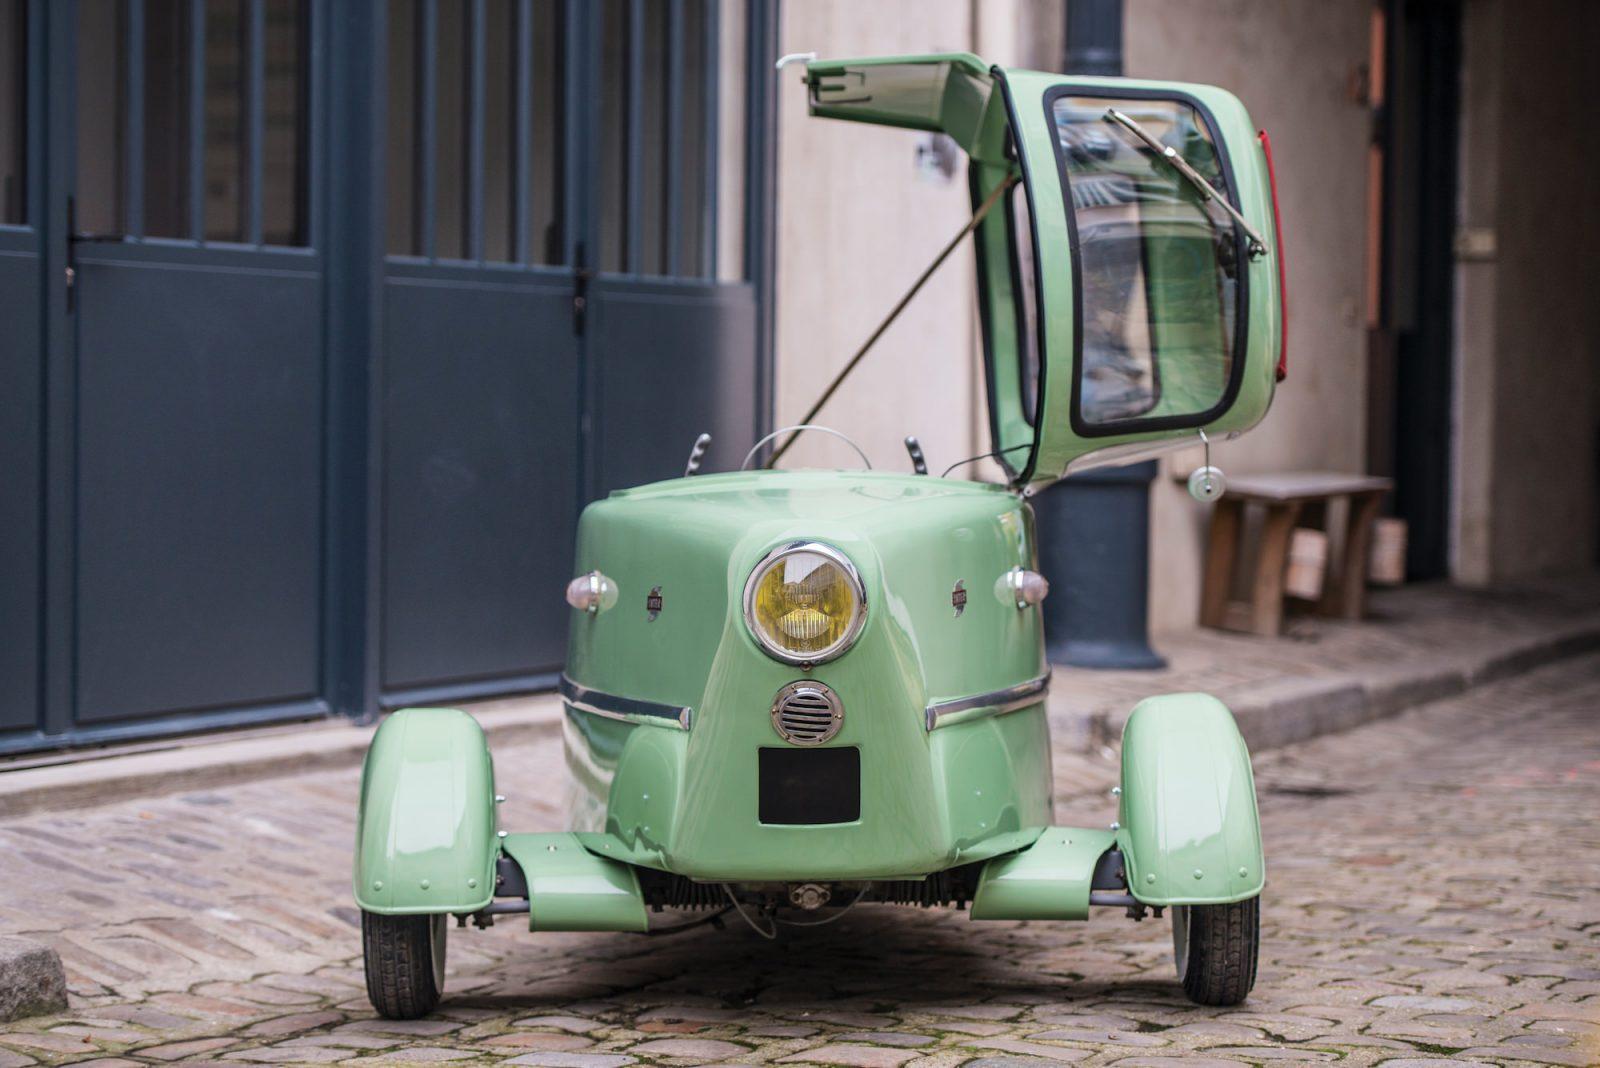 inter-175a-berline-microcar-9-1600x1068.jpg